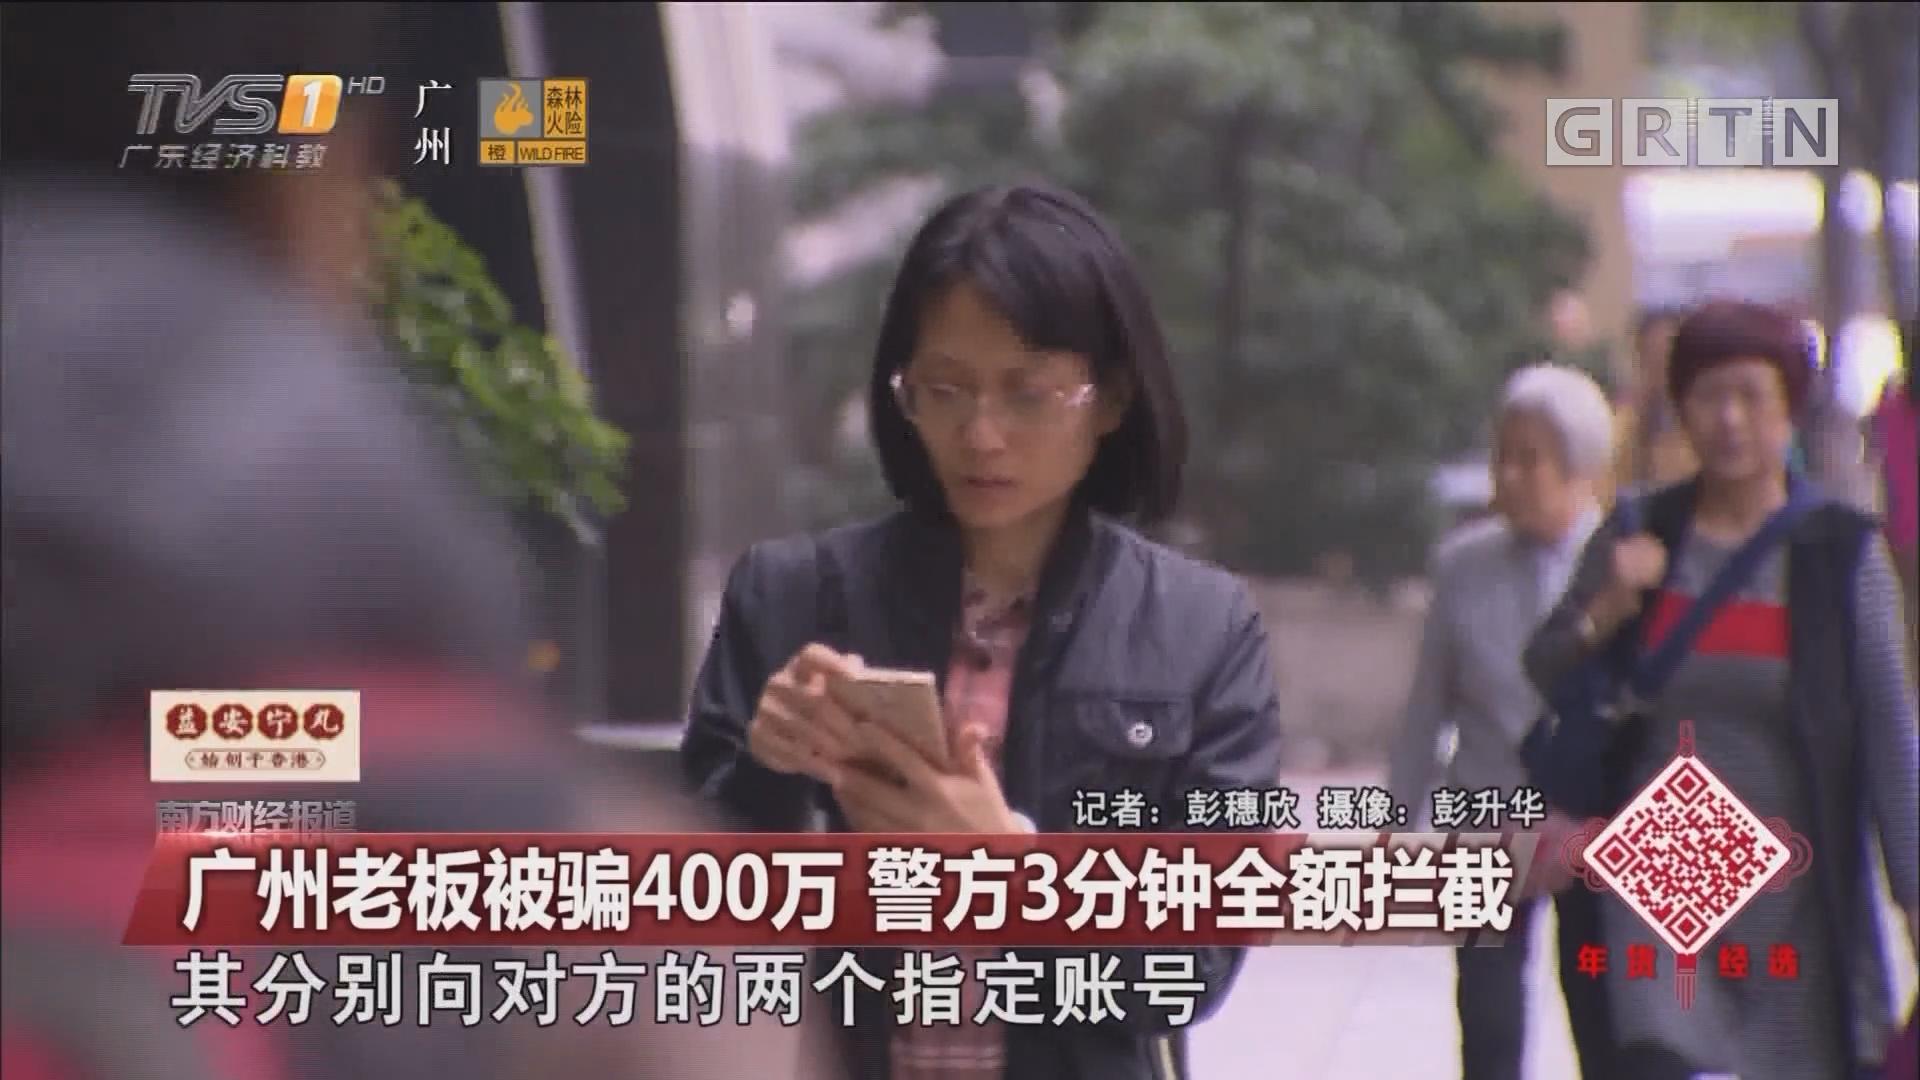 广州老板被骗400万 警方3分钟全额拦截